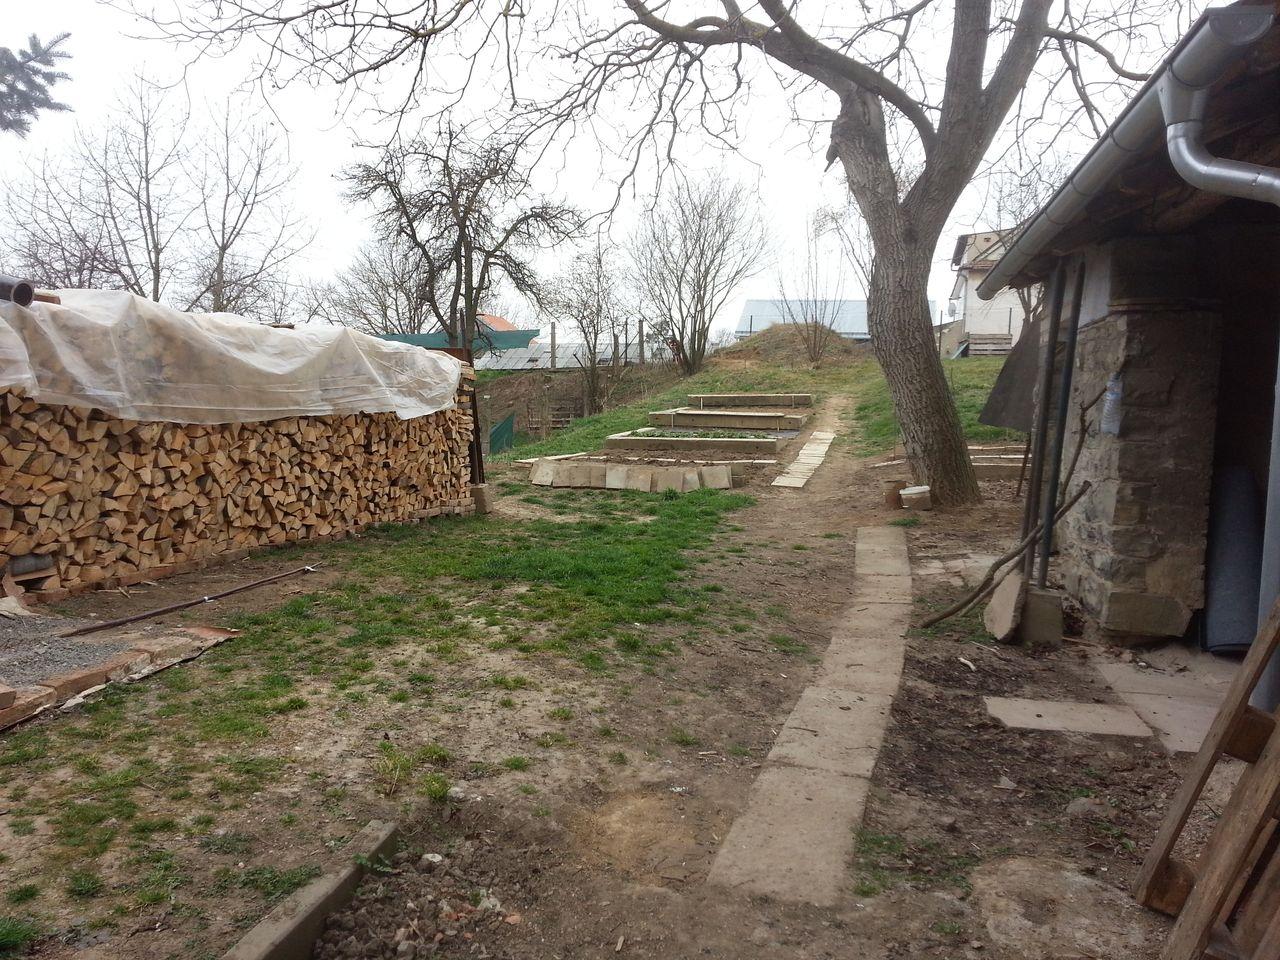 Zahrada - březen 2014